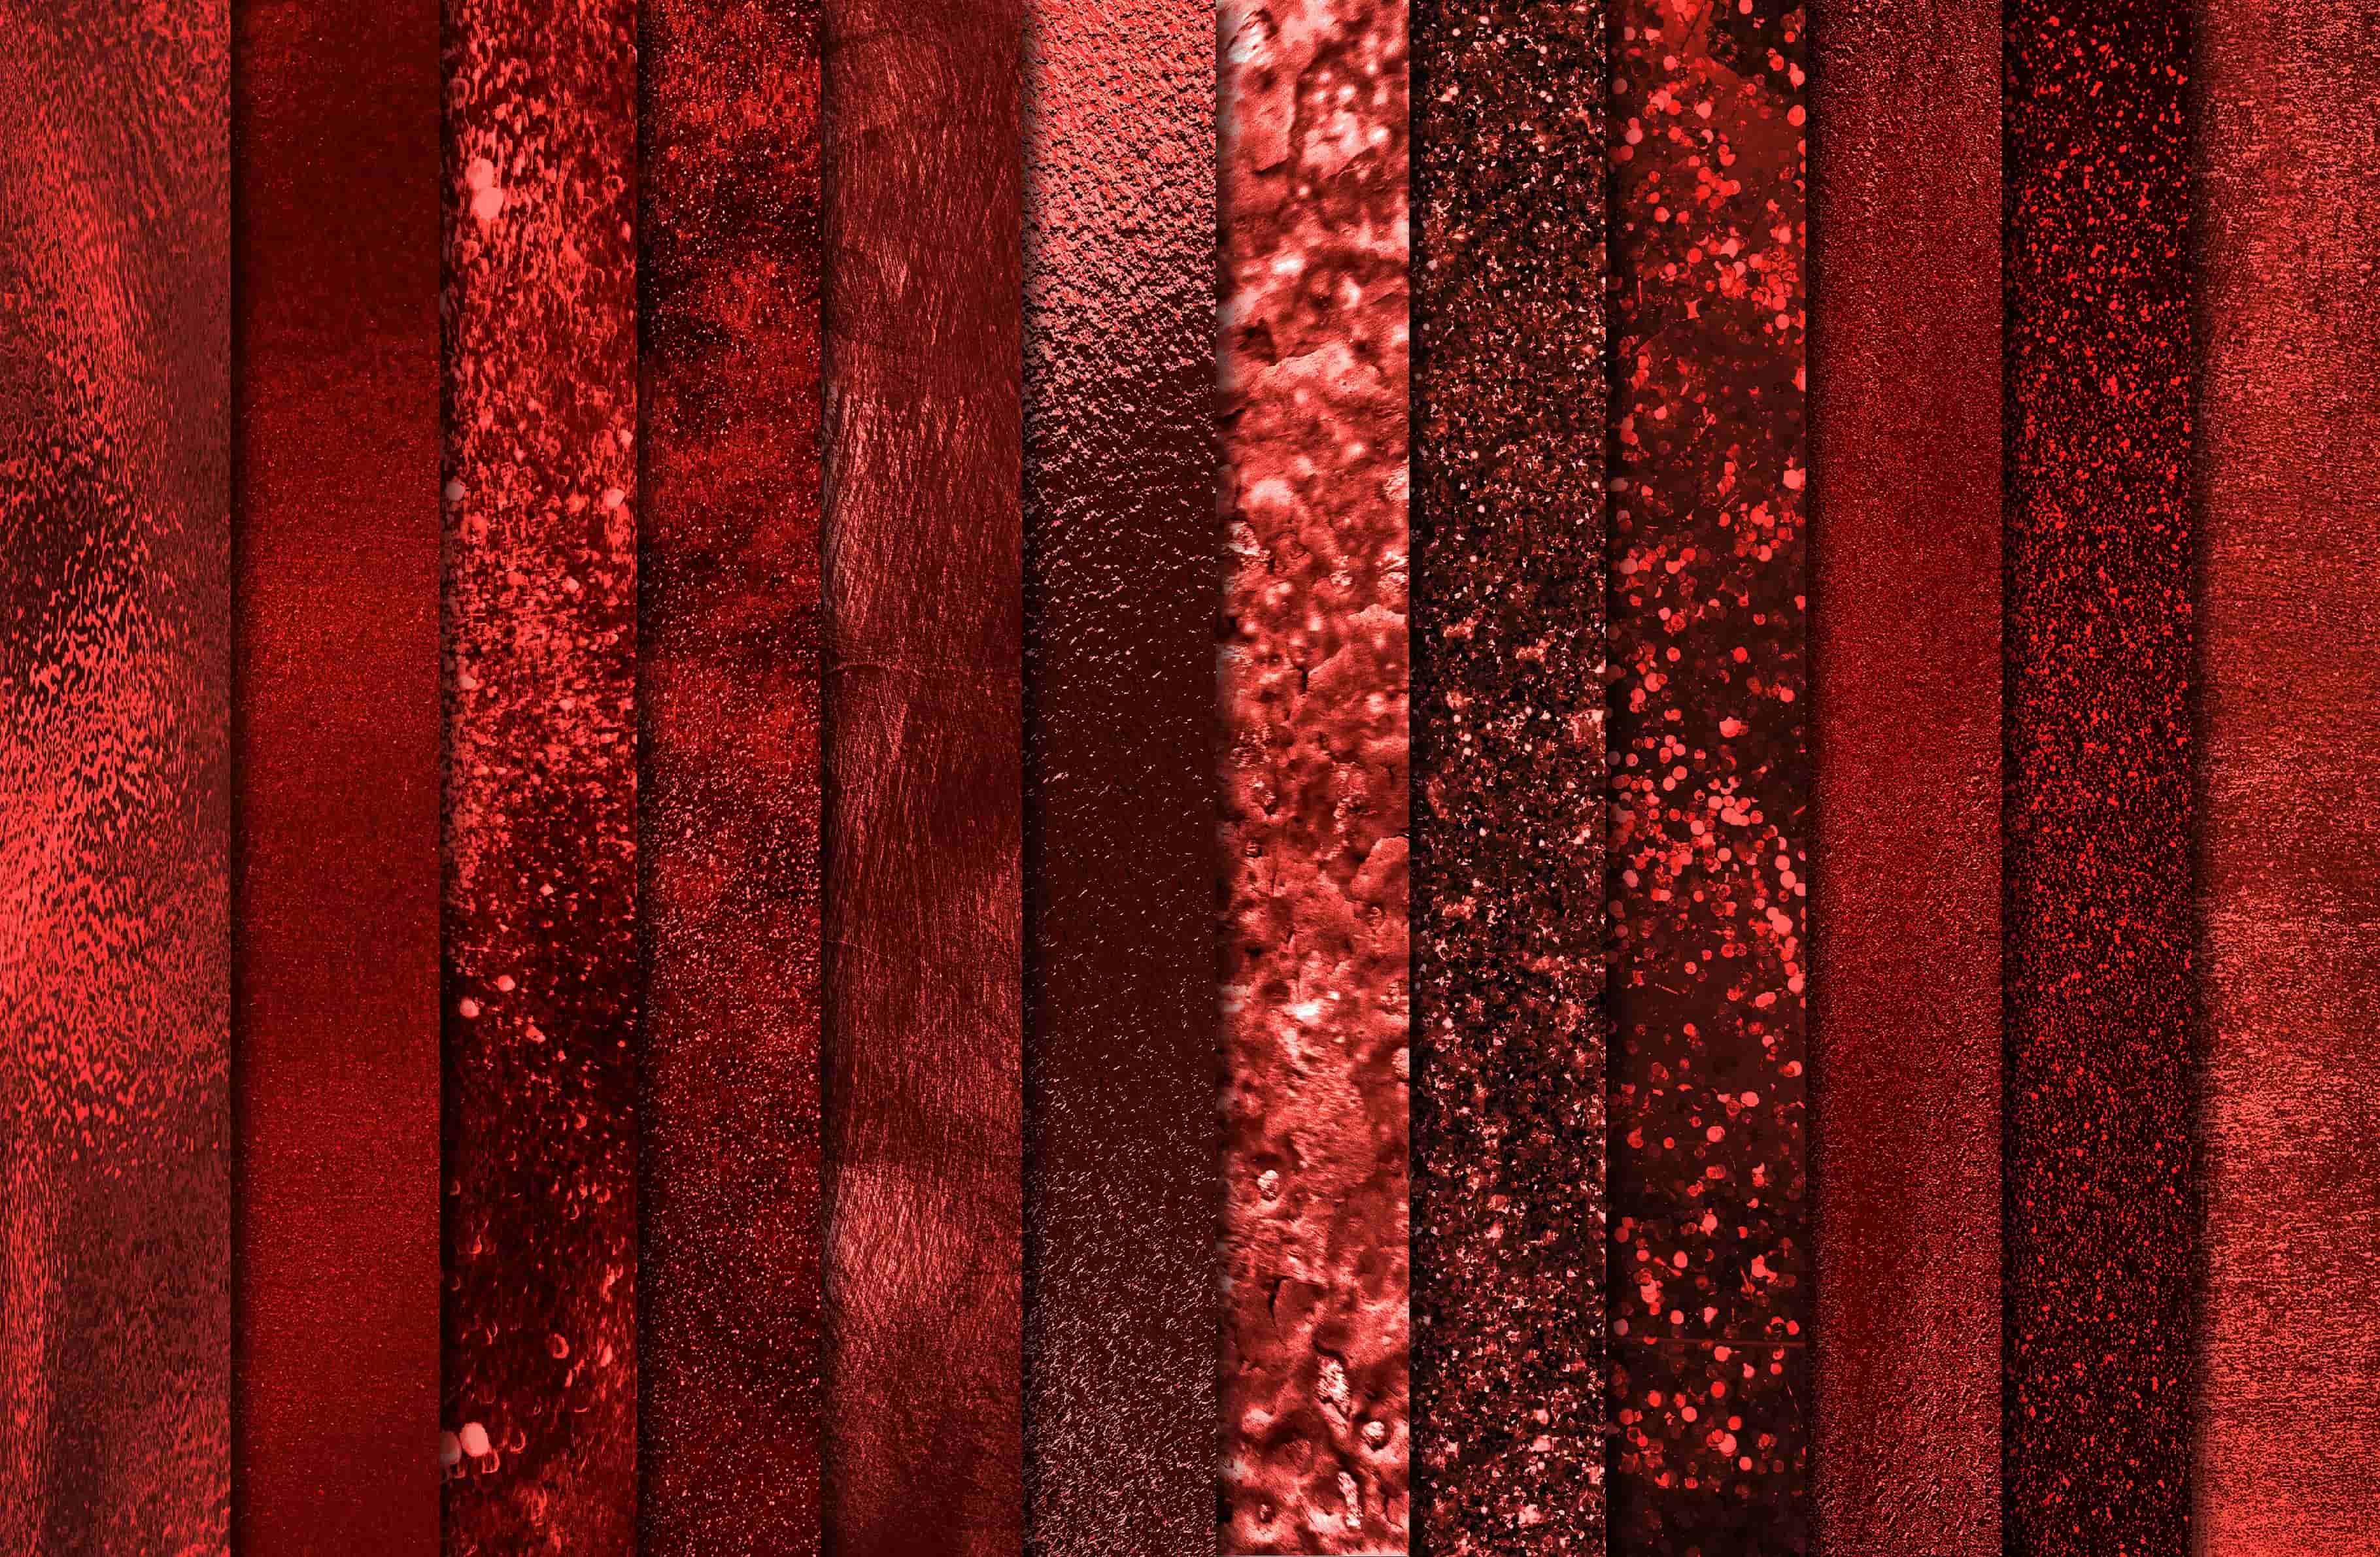 805 Beautiful Textures: Glamourous  Bundle - $25 - 1 2 min